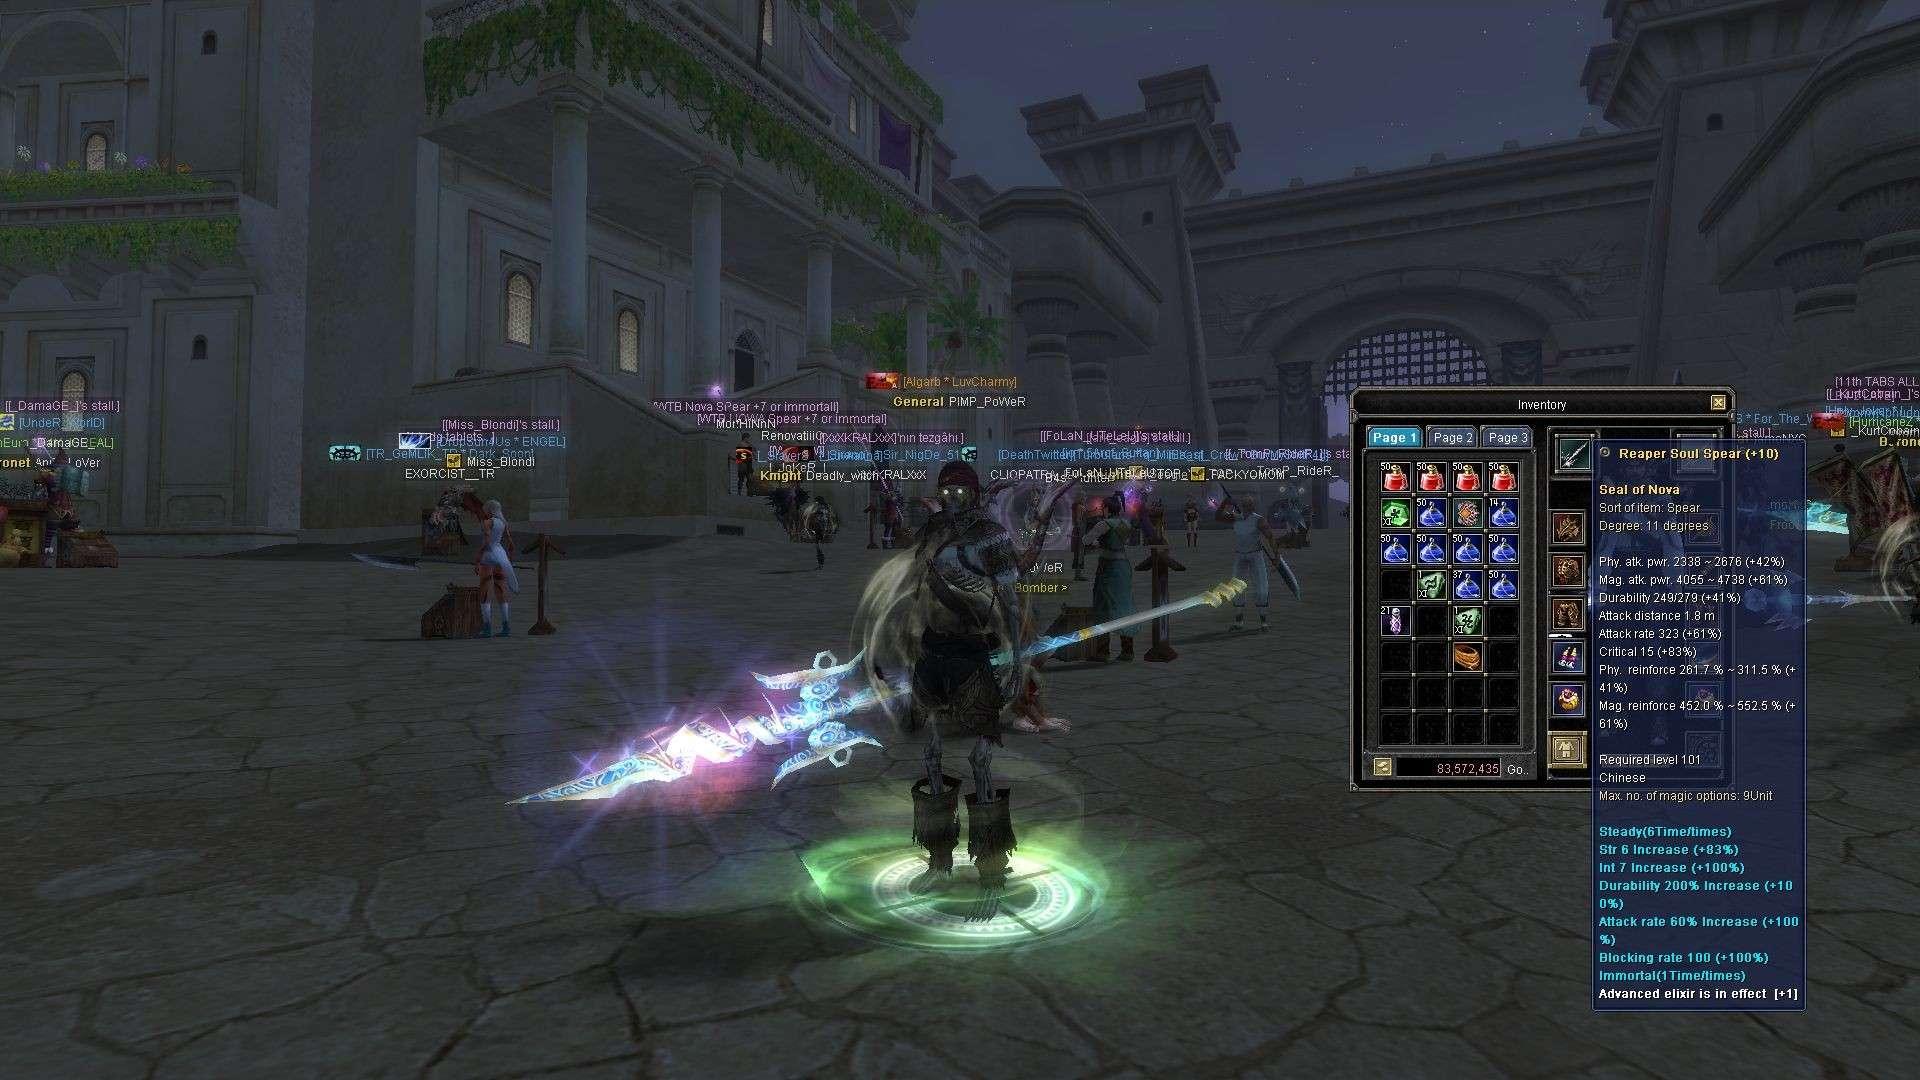 Nova Spear Sro20116